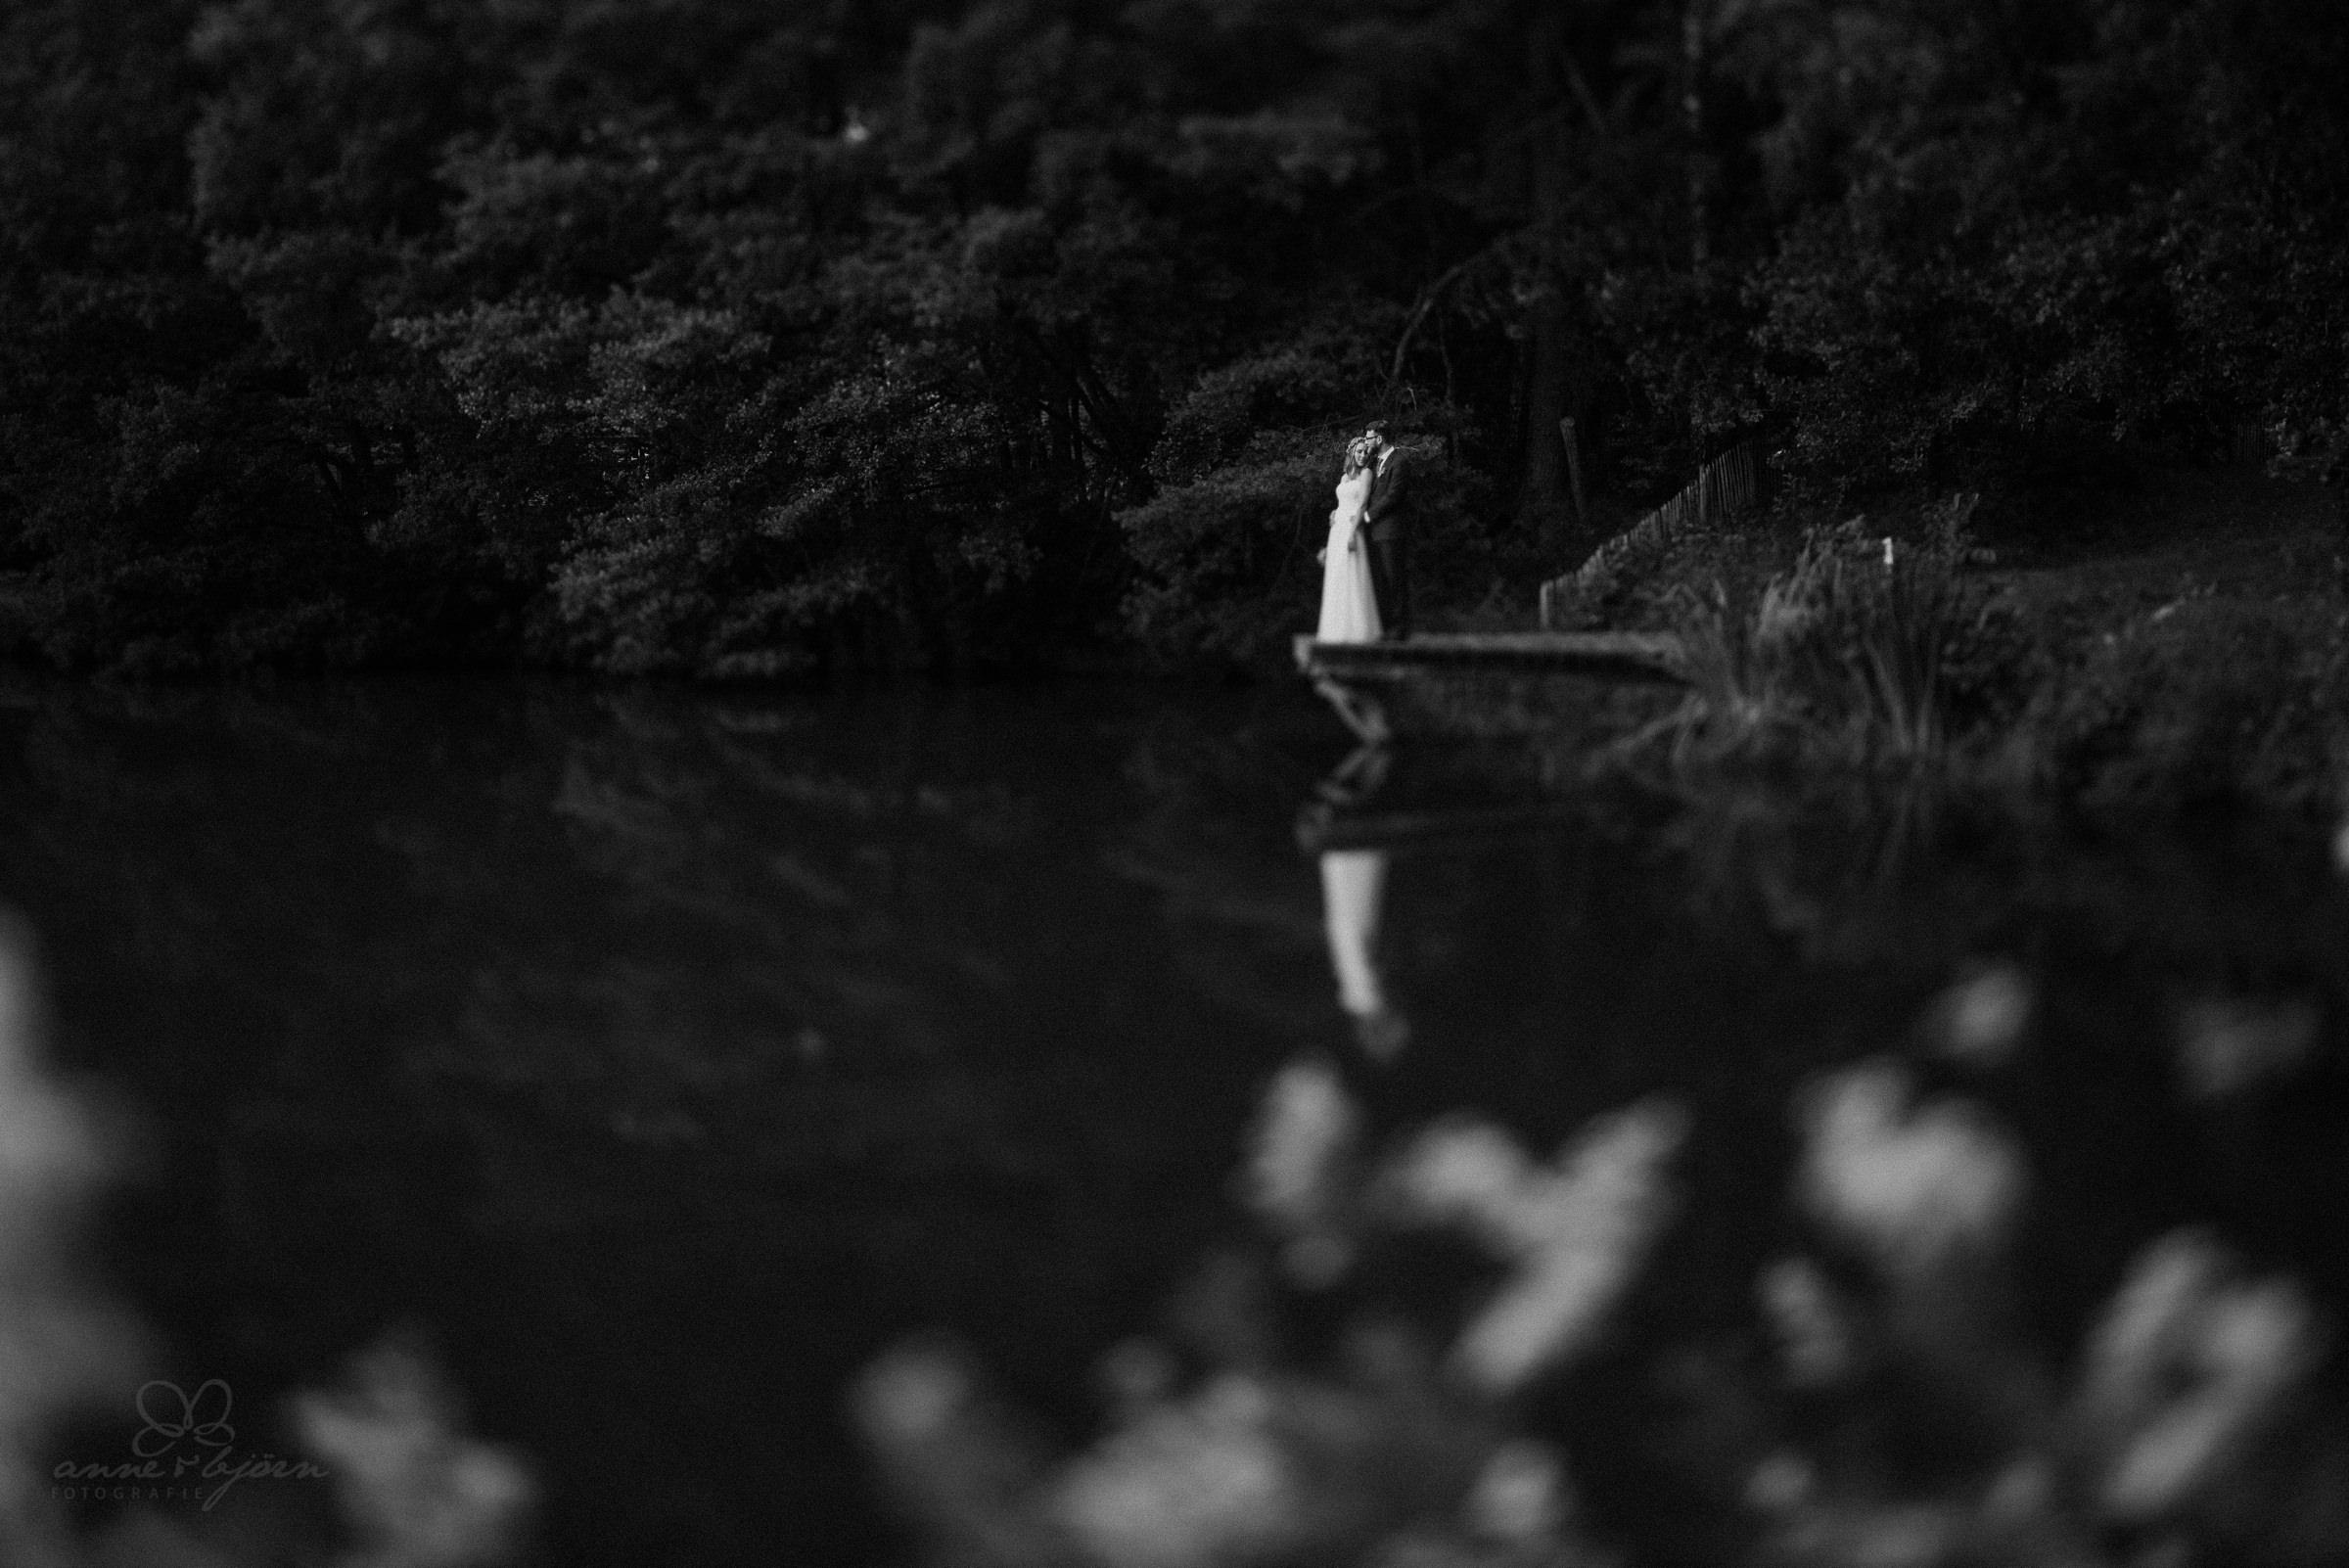 Spiegelbild, See, Landschaft, Portrait, epic shot, Brücke, Hochzeit